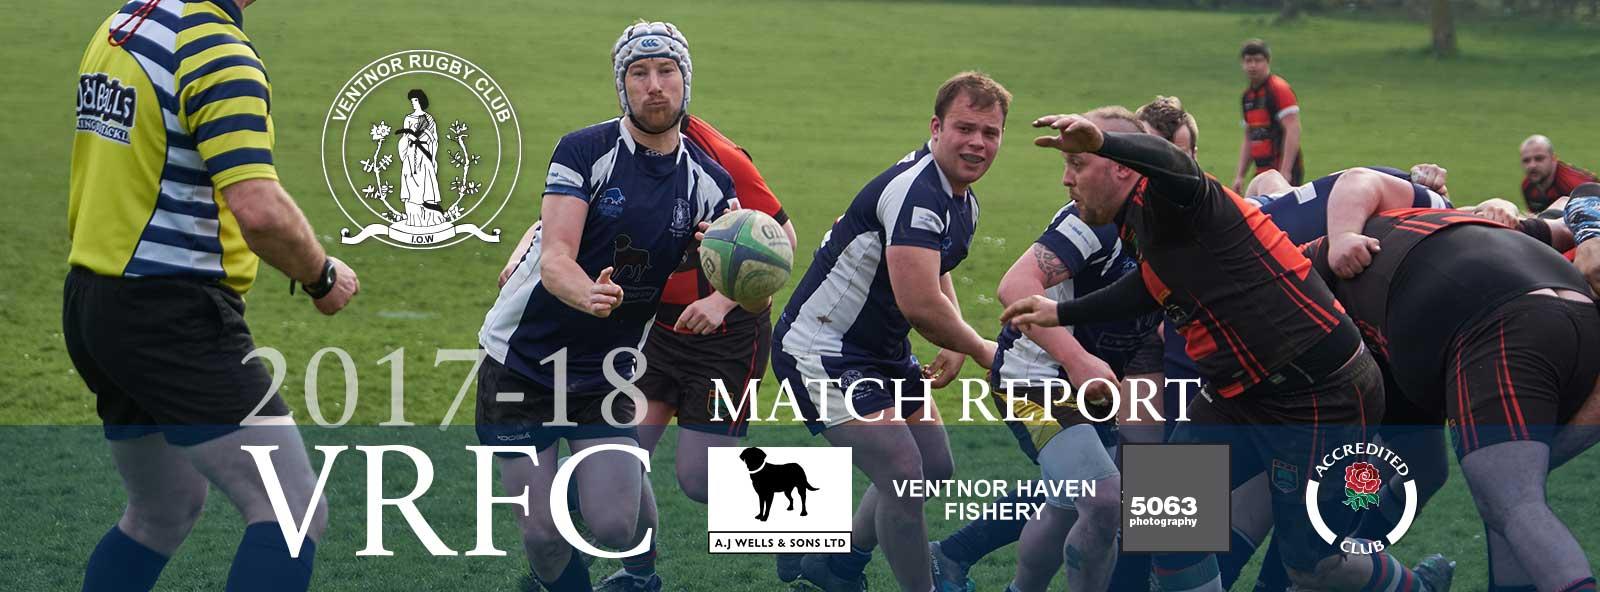 Ventnor-RFC-2XV-v-Alton-RFC-2XV-07042018--match-report-1600-wide-x-315